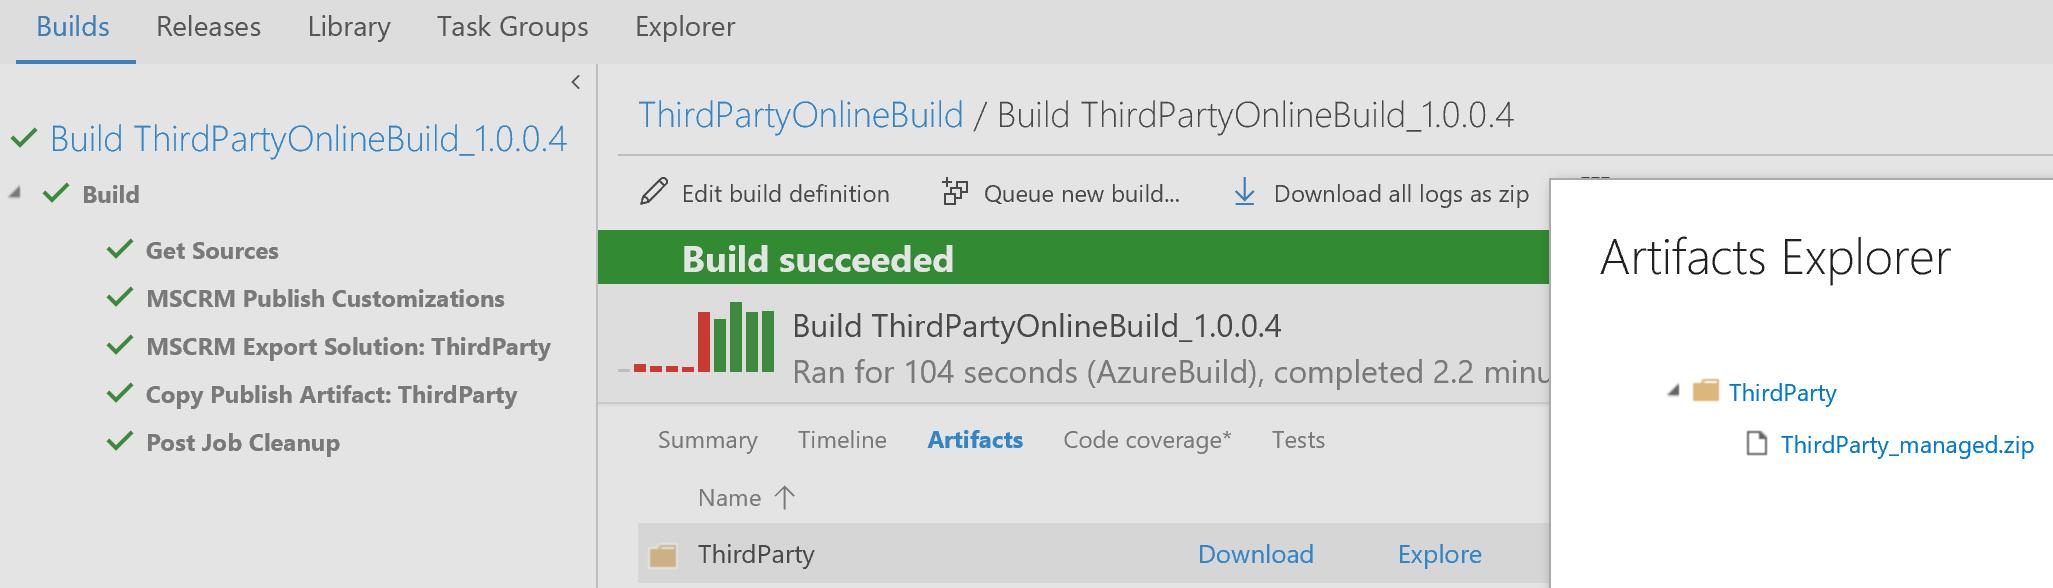 Dynamics 365 Build Tools - Visual Studio Marketplace